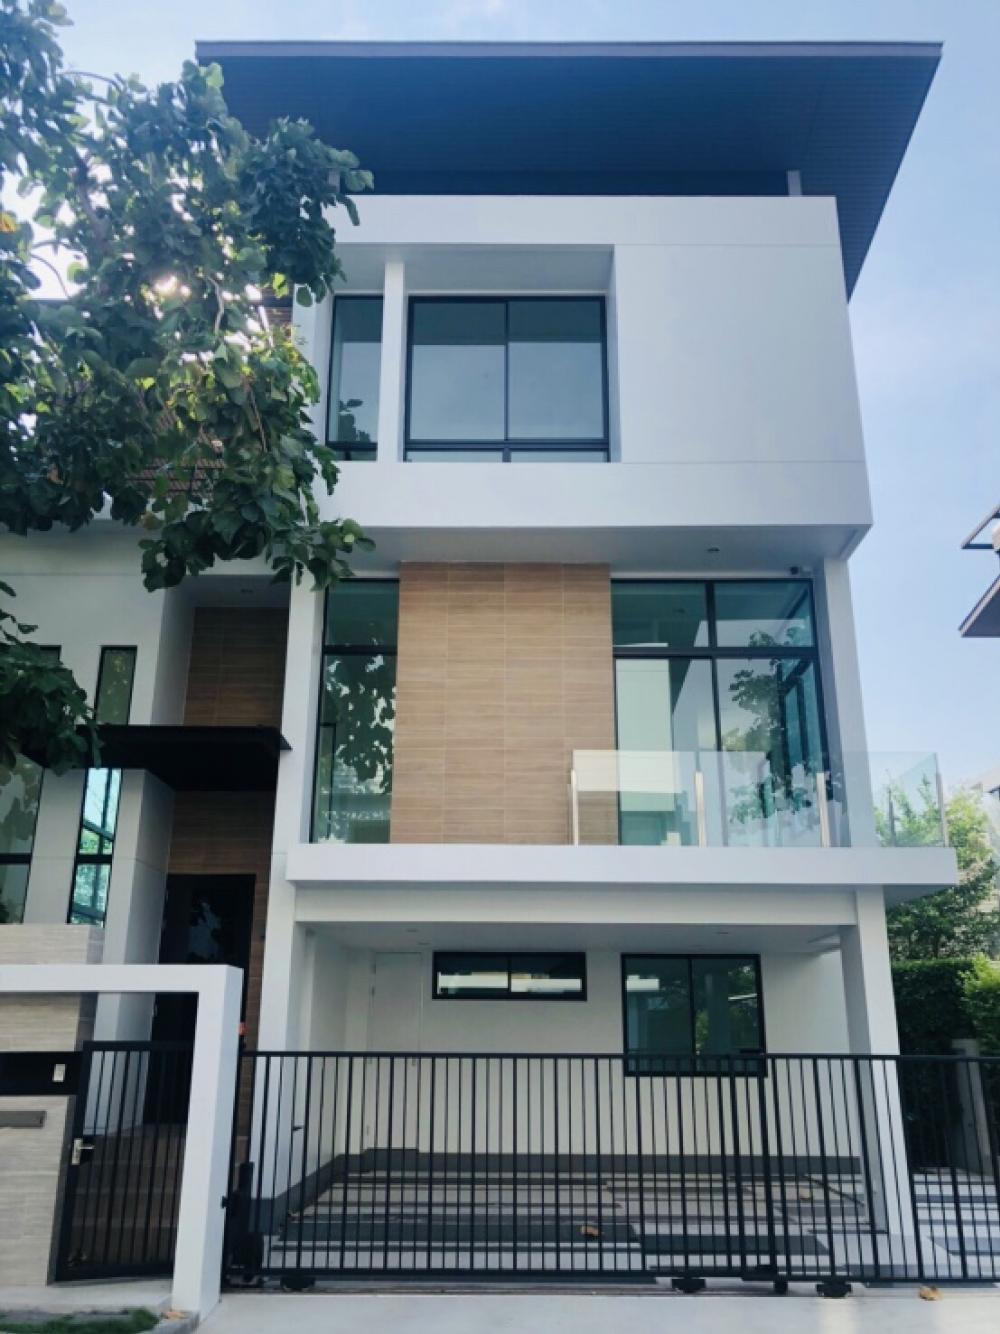 ขายบ้านพัฒนาการ ศรีนครินทร์ : ขาย ถูก ต่ำกว่าตลาด มากบ้านเดี่ยว 3 ชั้น Luxury เนอวานา บียอนด์ ศรีนครินทร์(สวนหลวง ร 9)2.2 กม.จากรถไฟฟ้า MRTสวนหลวง ร.9 ขนาด 54.2 ตรว พื้นที่ 310 ตรม 2 ที่จอดรถ [6406-2011001]